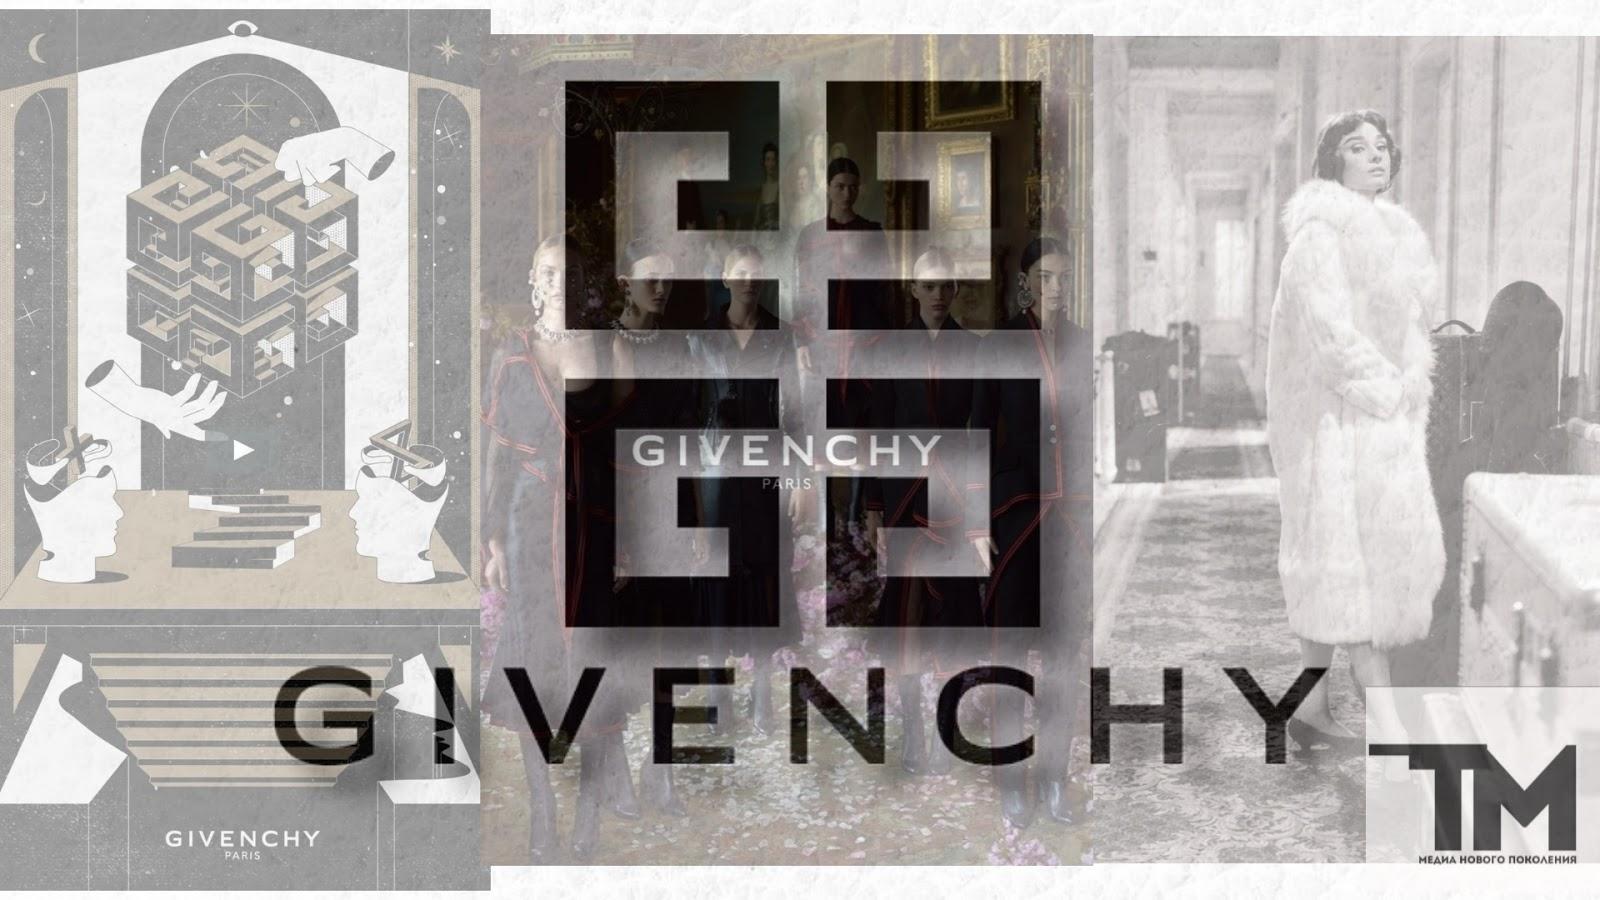 «Givenchy»: как война показала, каким должен быть мир будущего